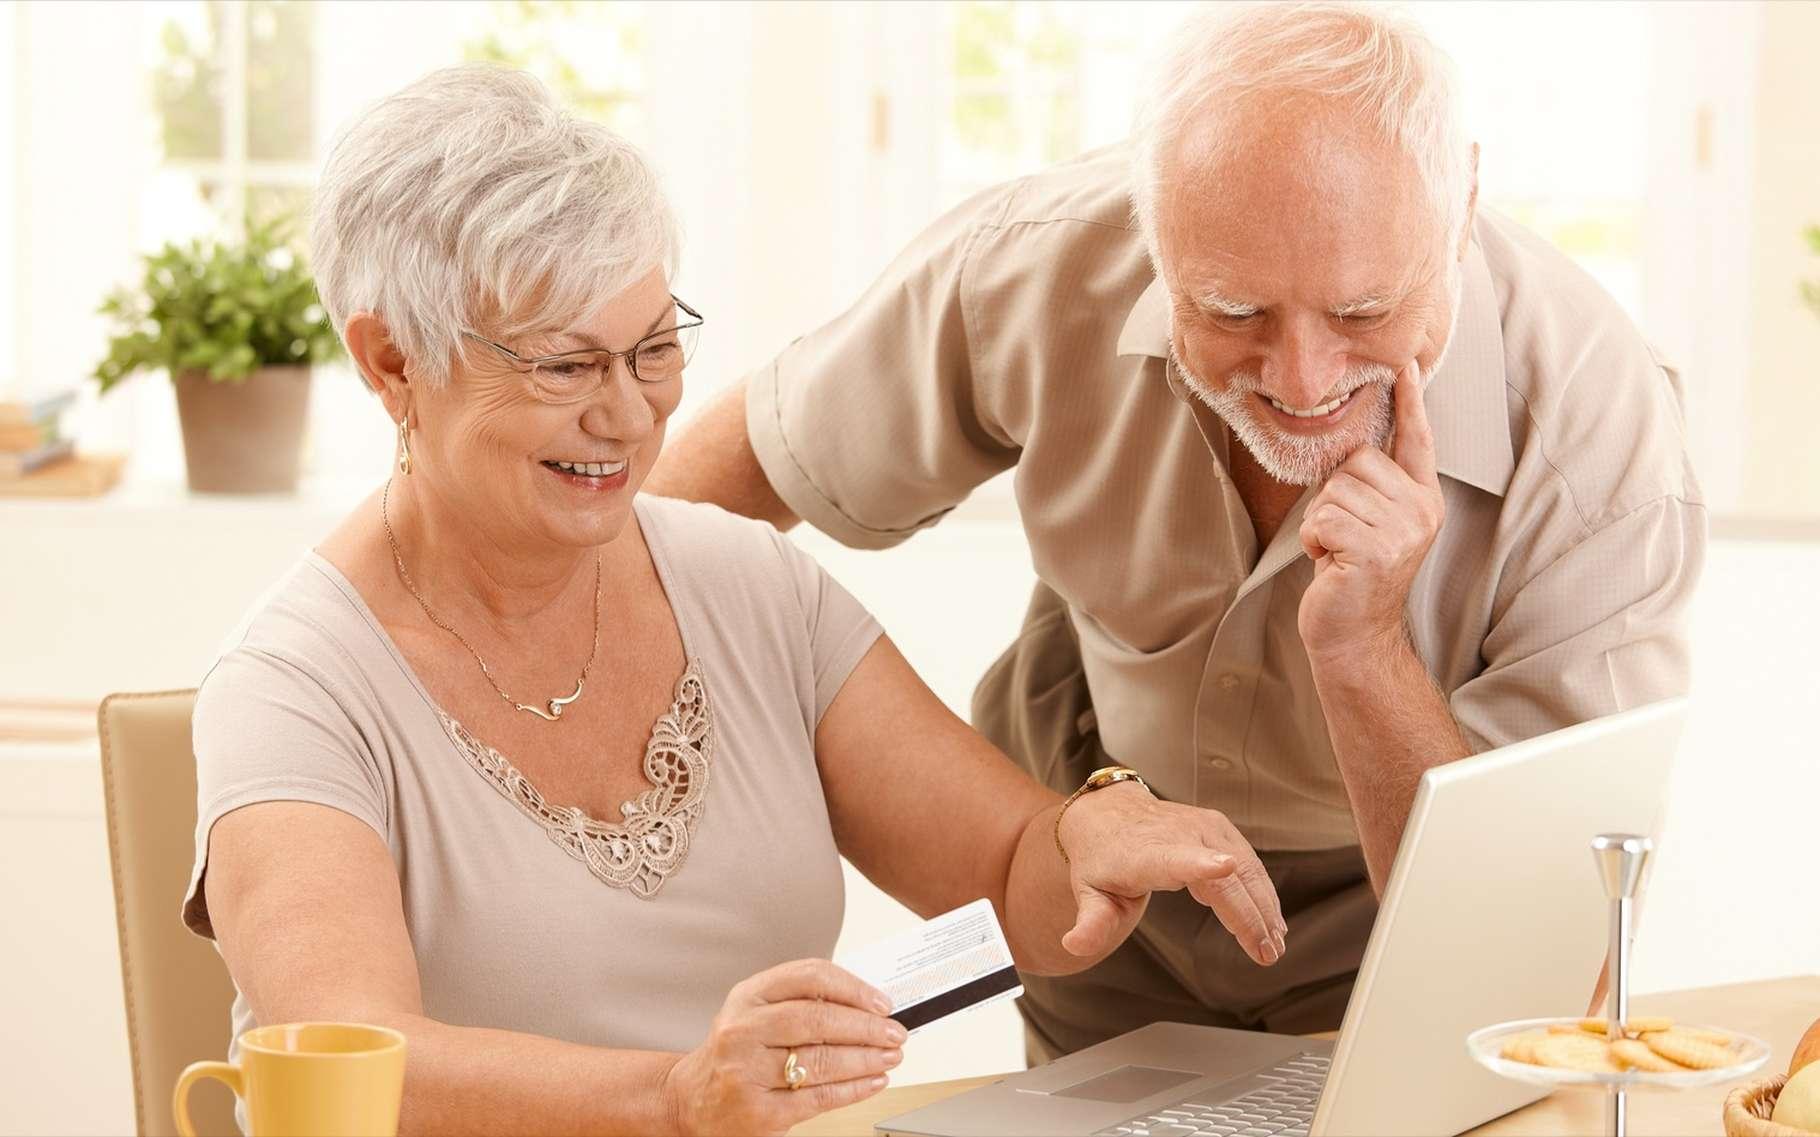 Le fait d'utiliser Facebook est associé à la longévité. © StockLite, Shutterstock